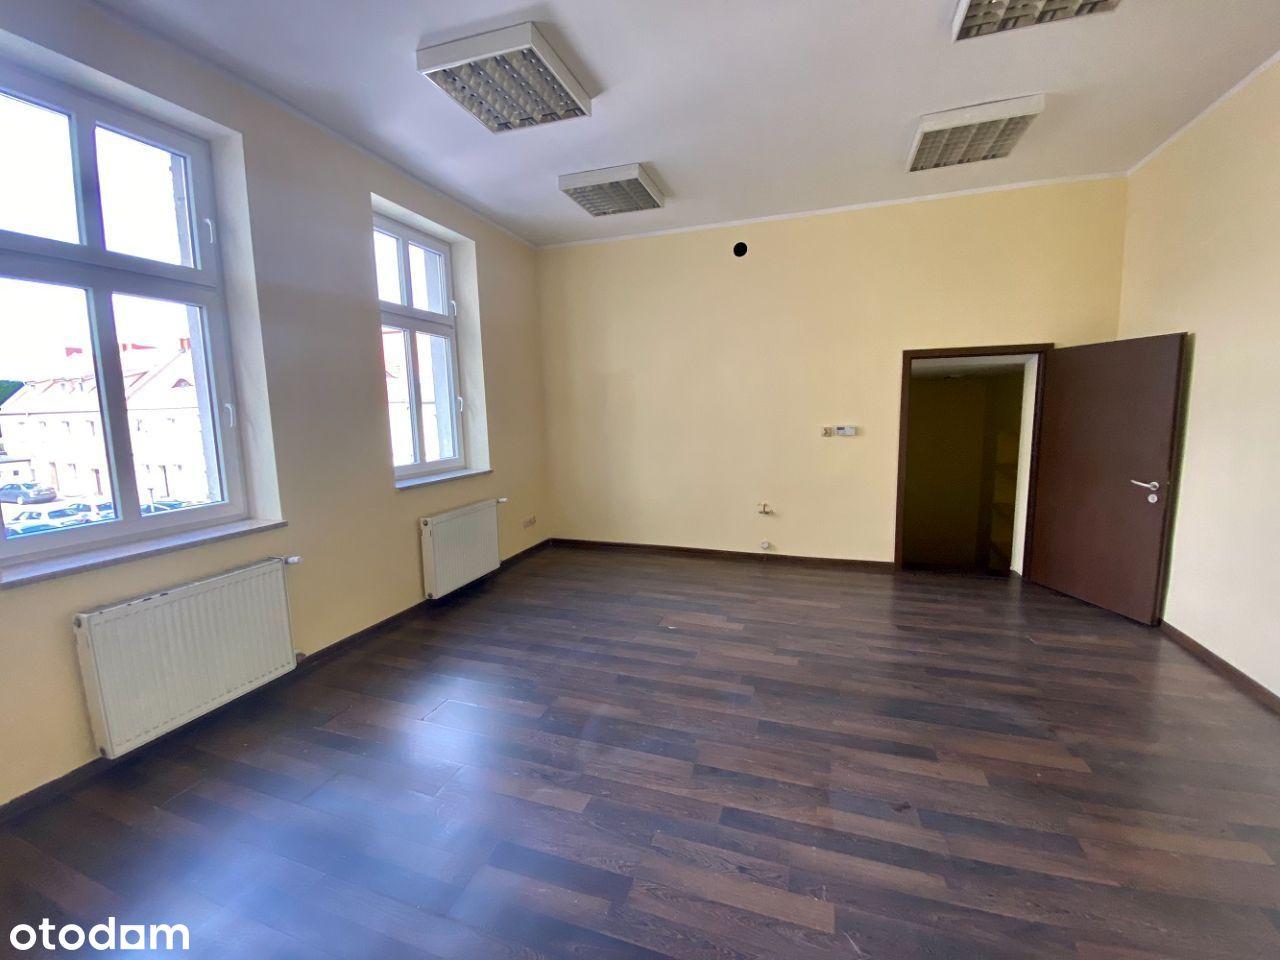 Lokal użytkowy pow. 40 m2